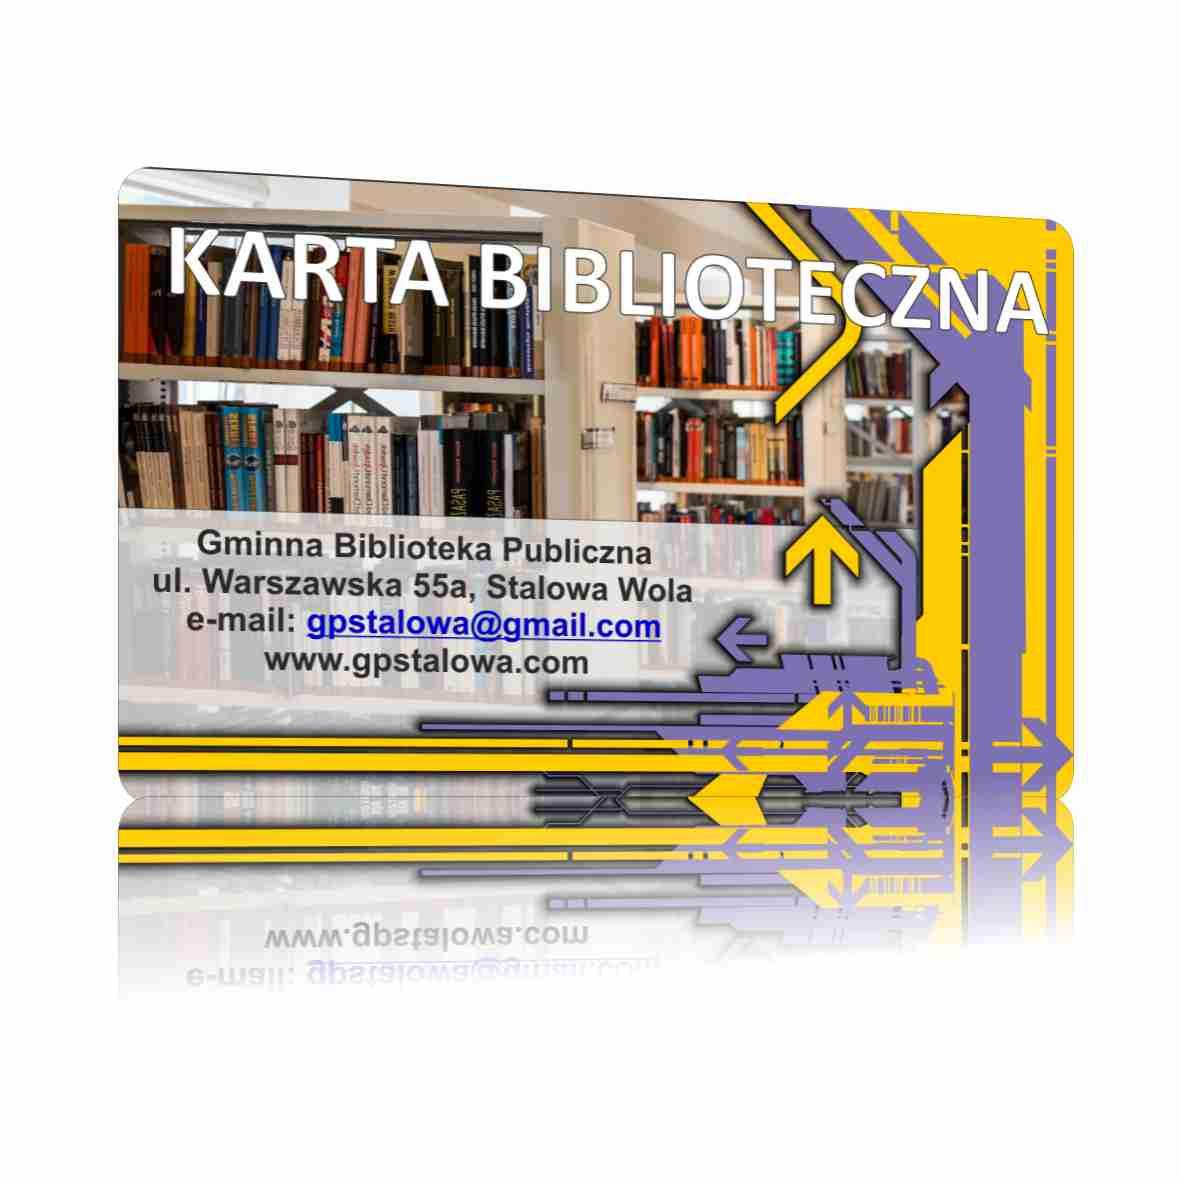 Karty plastikowe sklep - Karty biblioteczne/ Plastikowe karty czytelnika